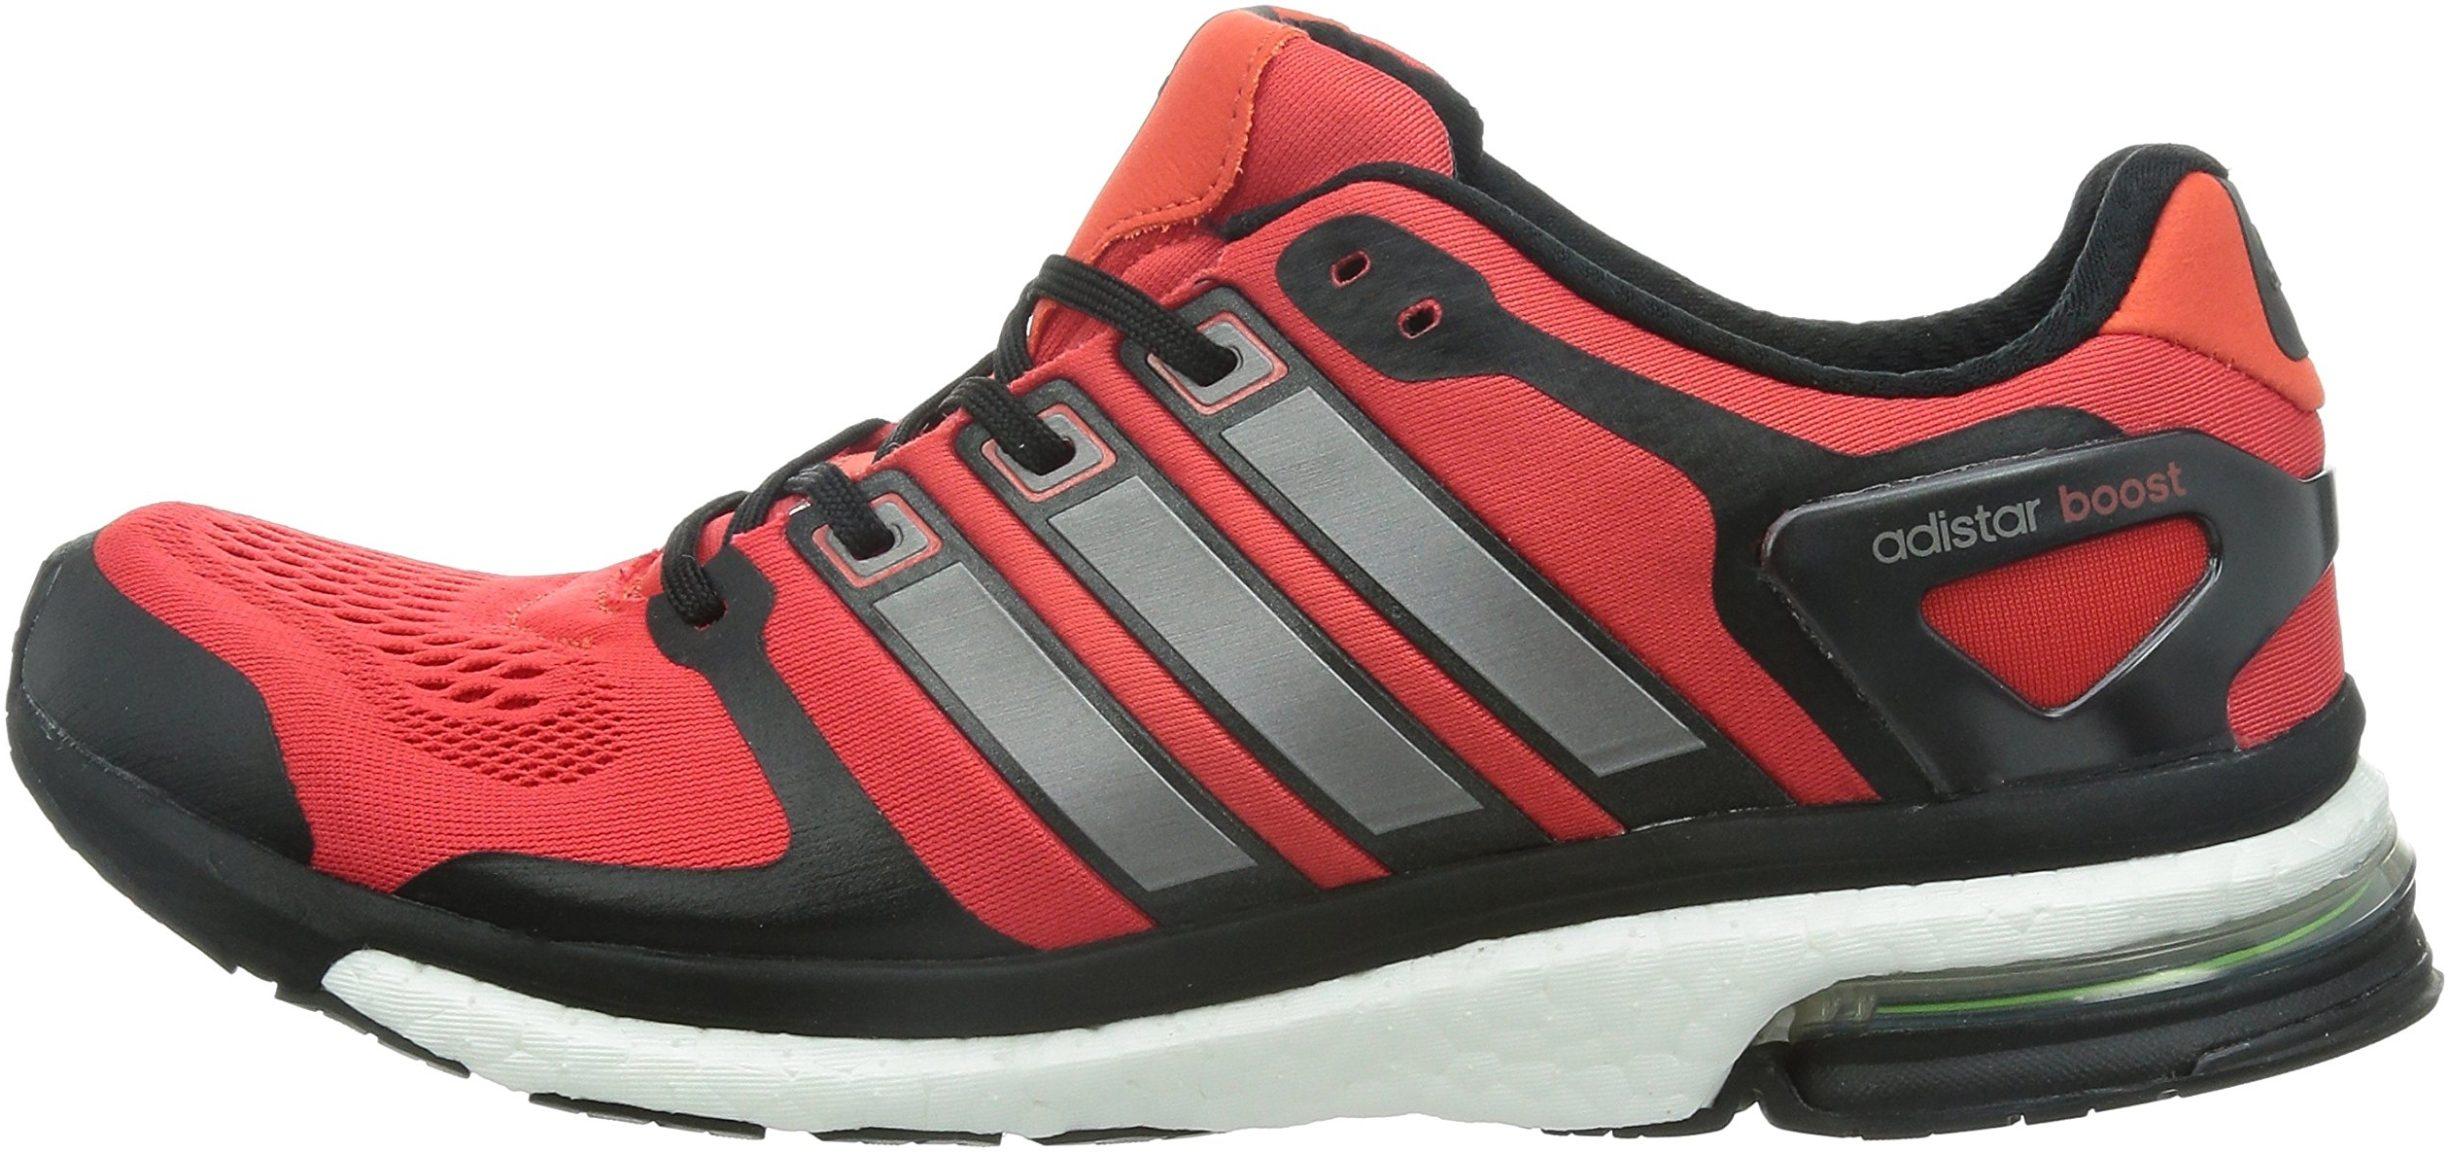 Adidas Adistar Boost ESM - Deals ($65), Facts, Reviews (2021 ...